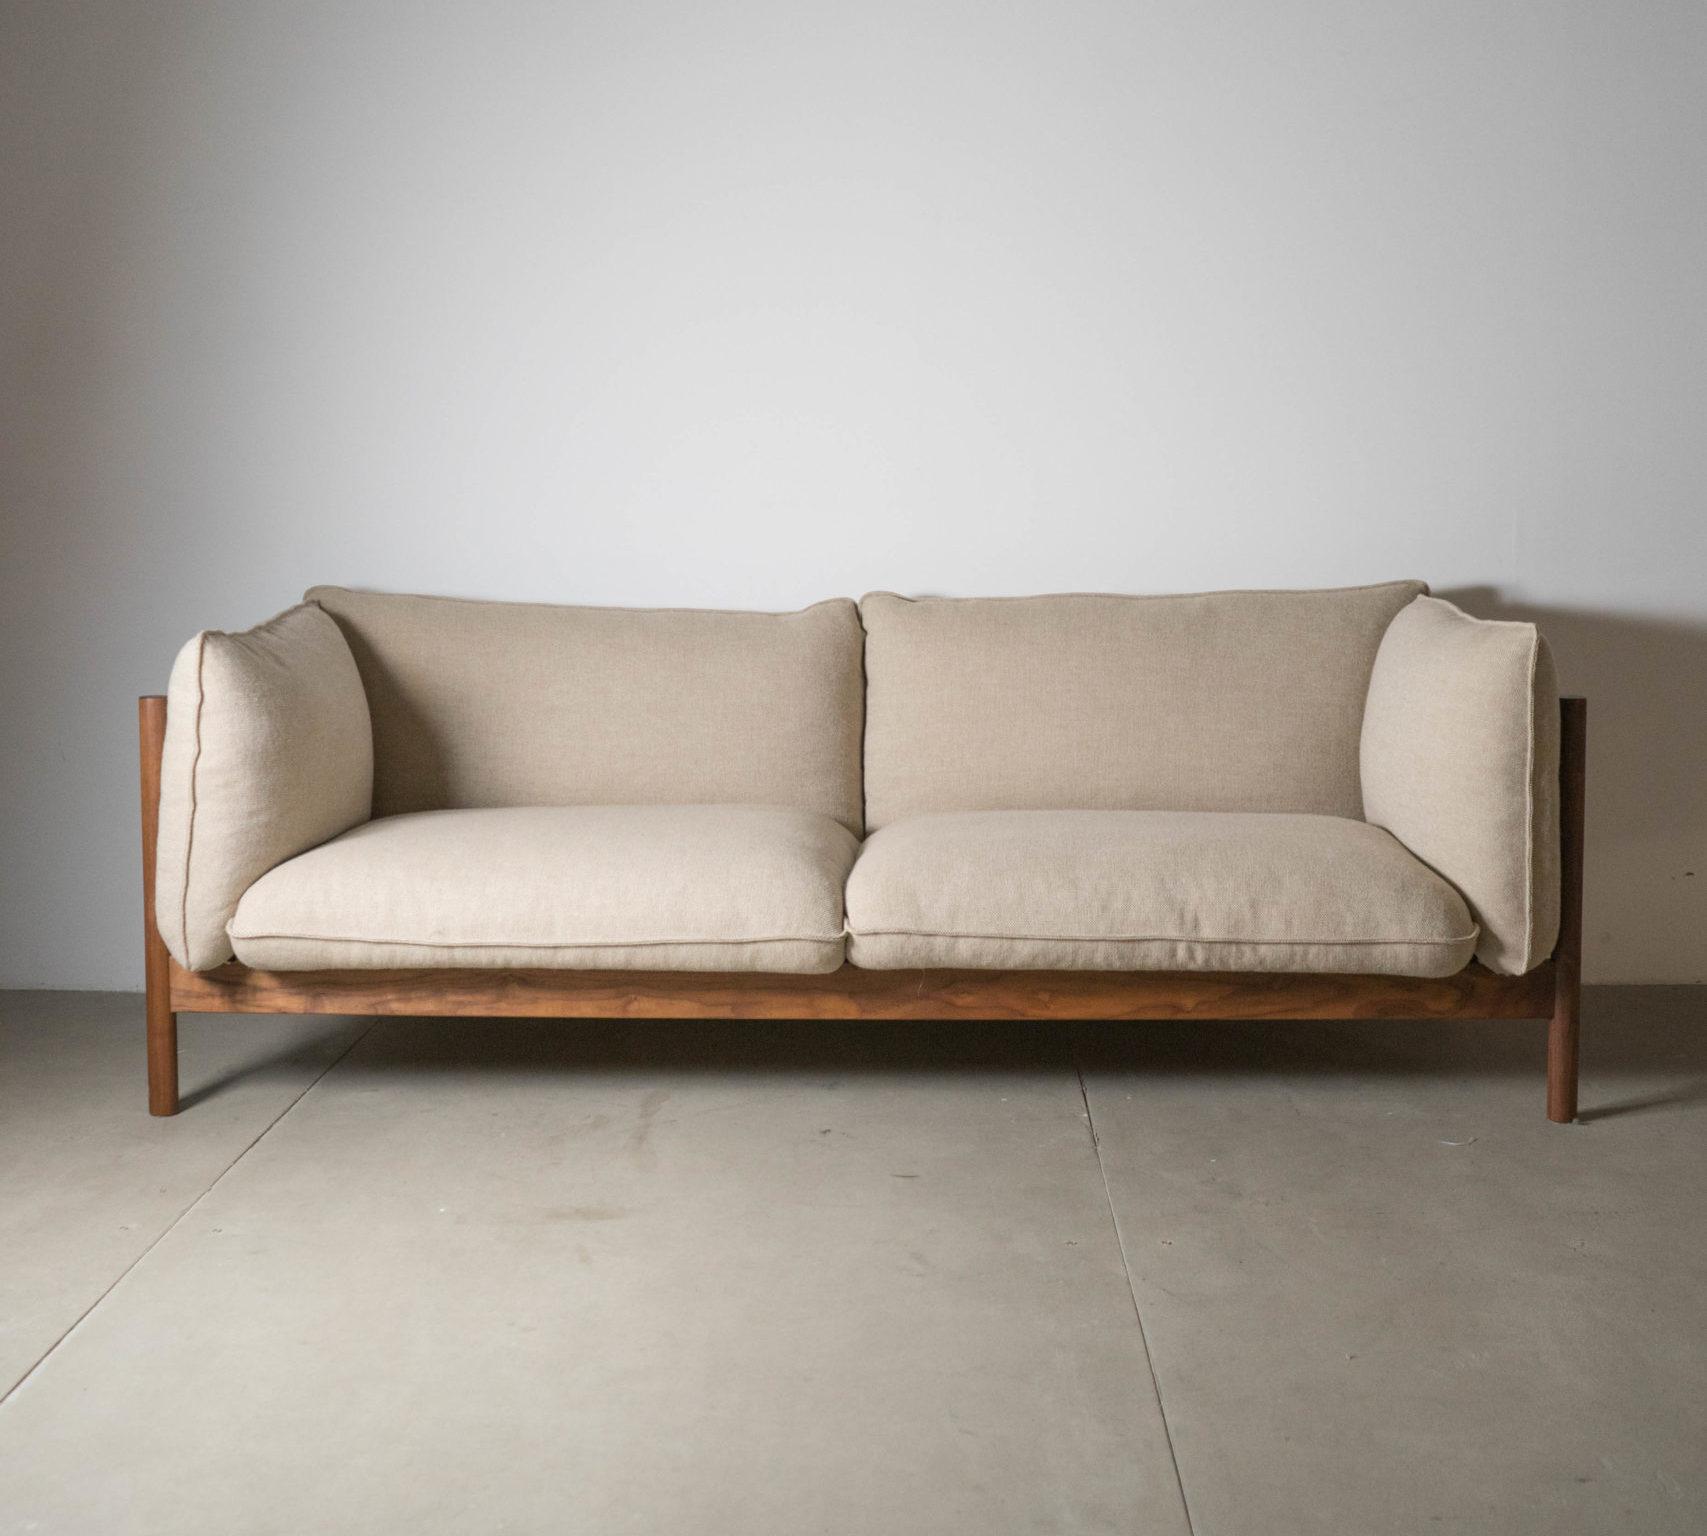 vista general sofá arbour de madera